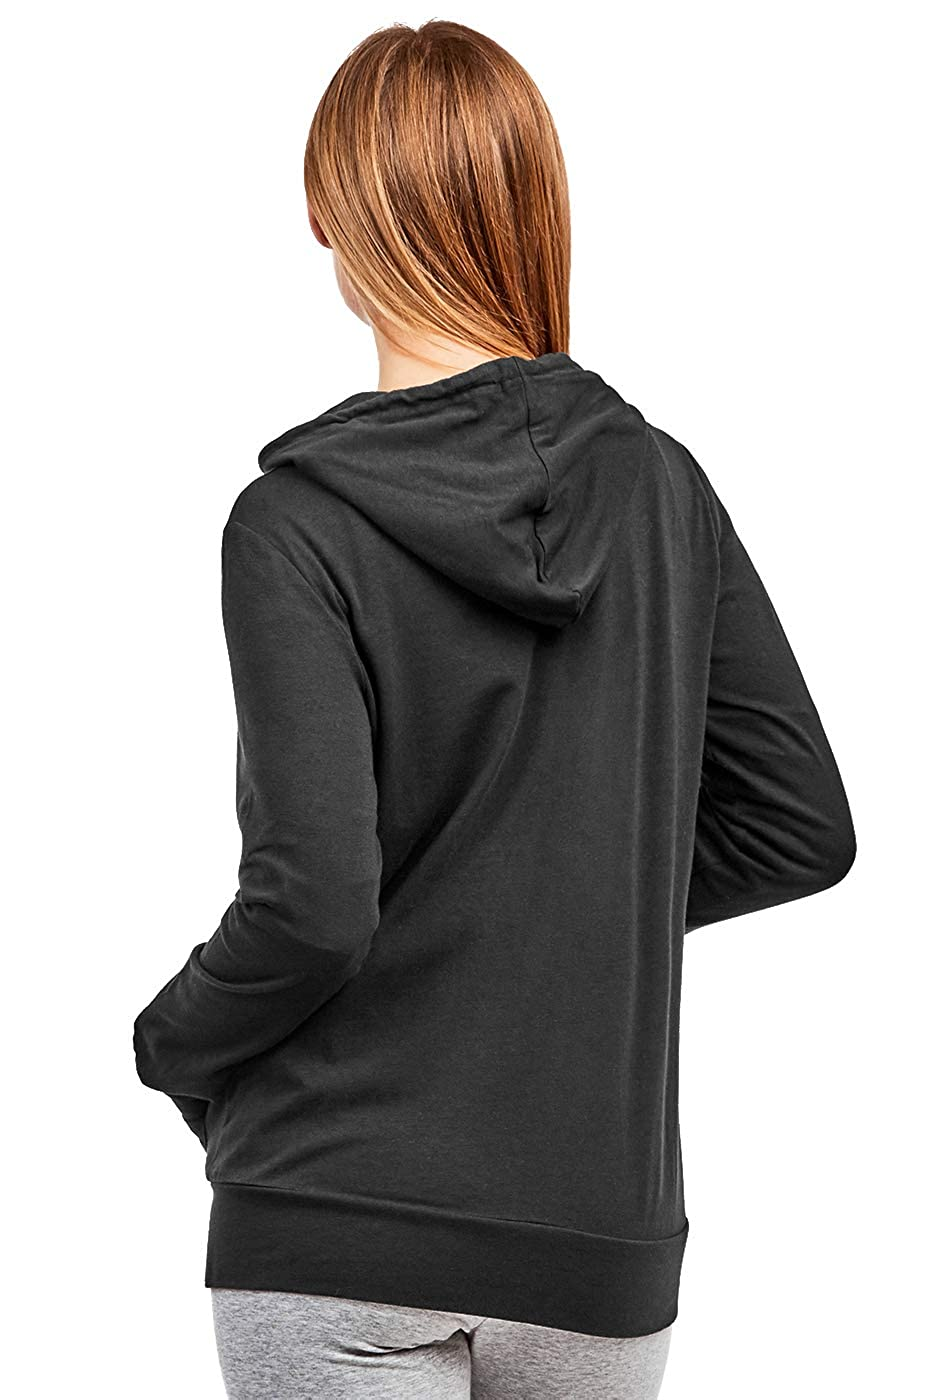 Amazon.com: Chaqueta con capucha para mujer con cremallera ...